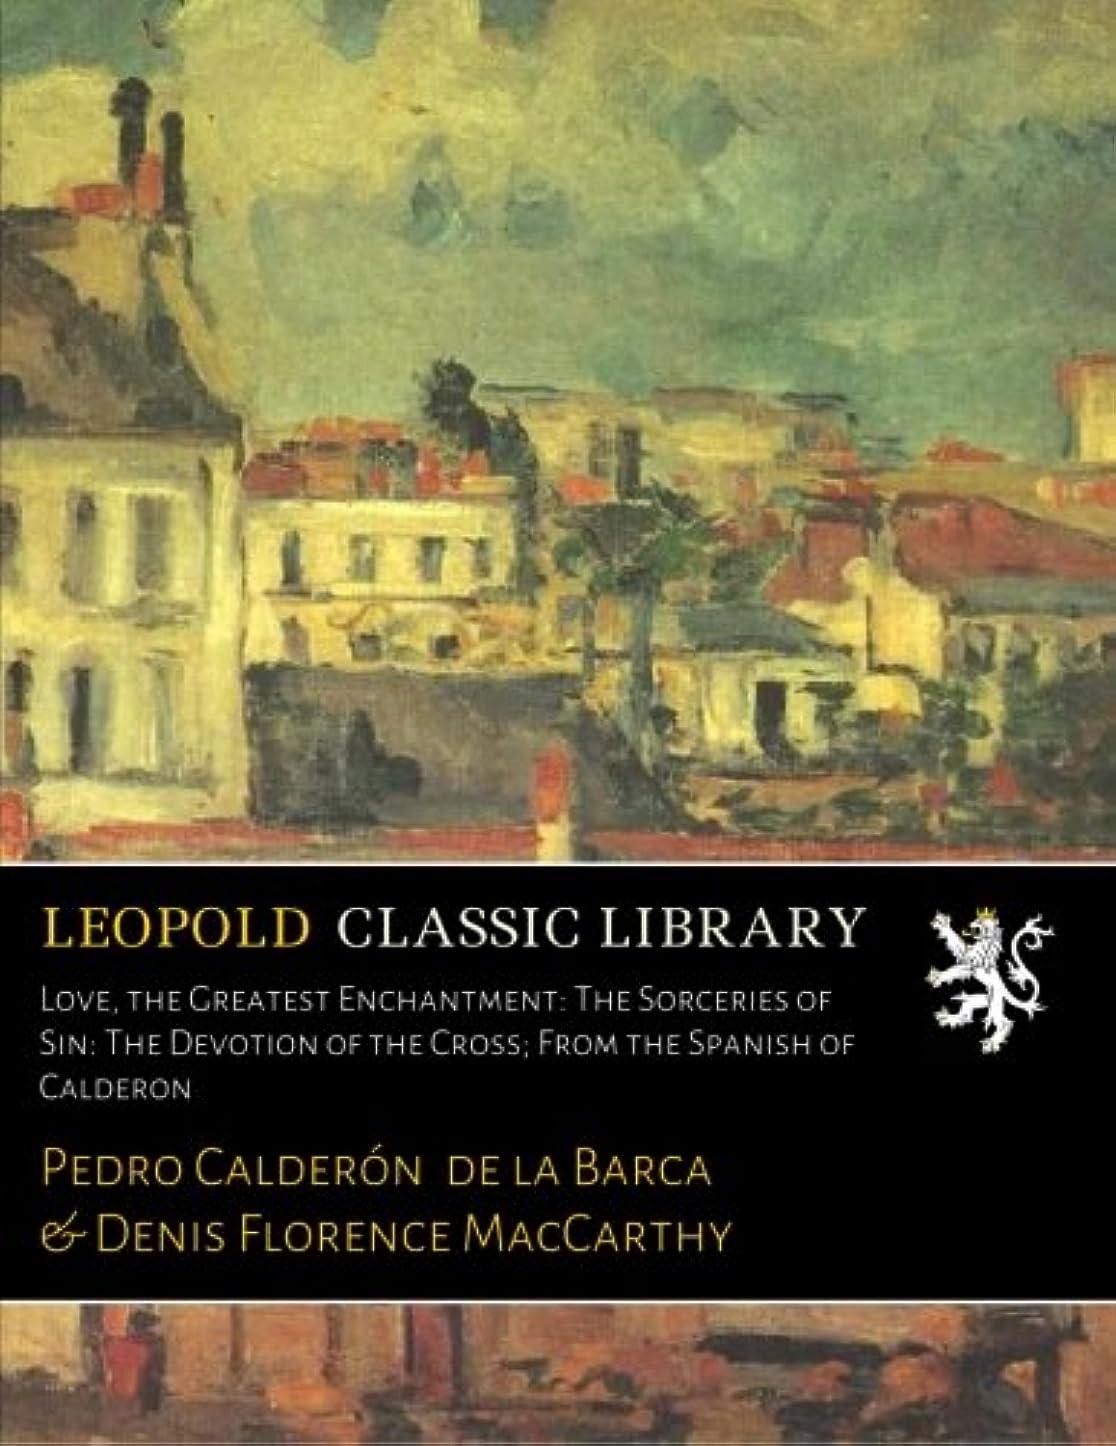 その他やけどブルーベルLove, the Greatest Enchantment: The Sorceries of Sin: The Devotion of the Cross; From the Spanish of Calderon